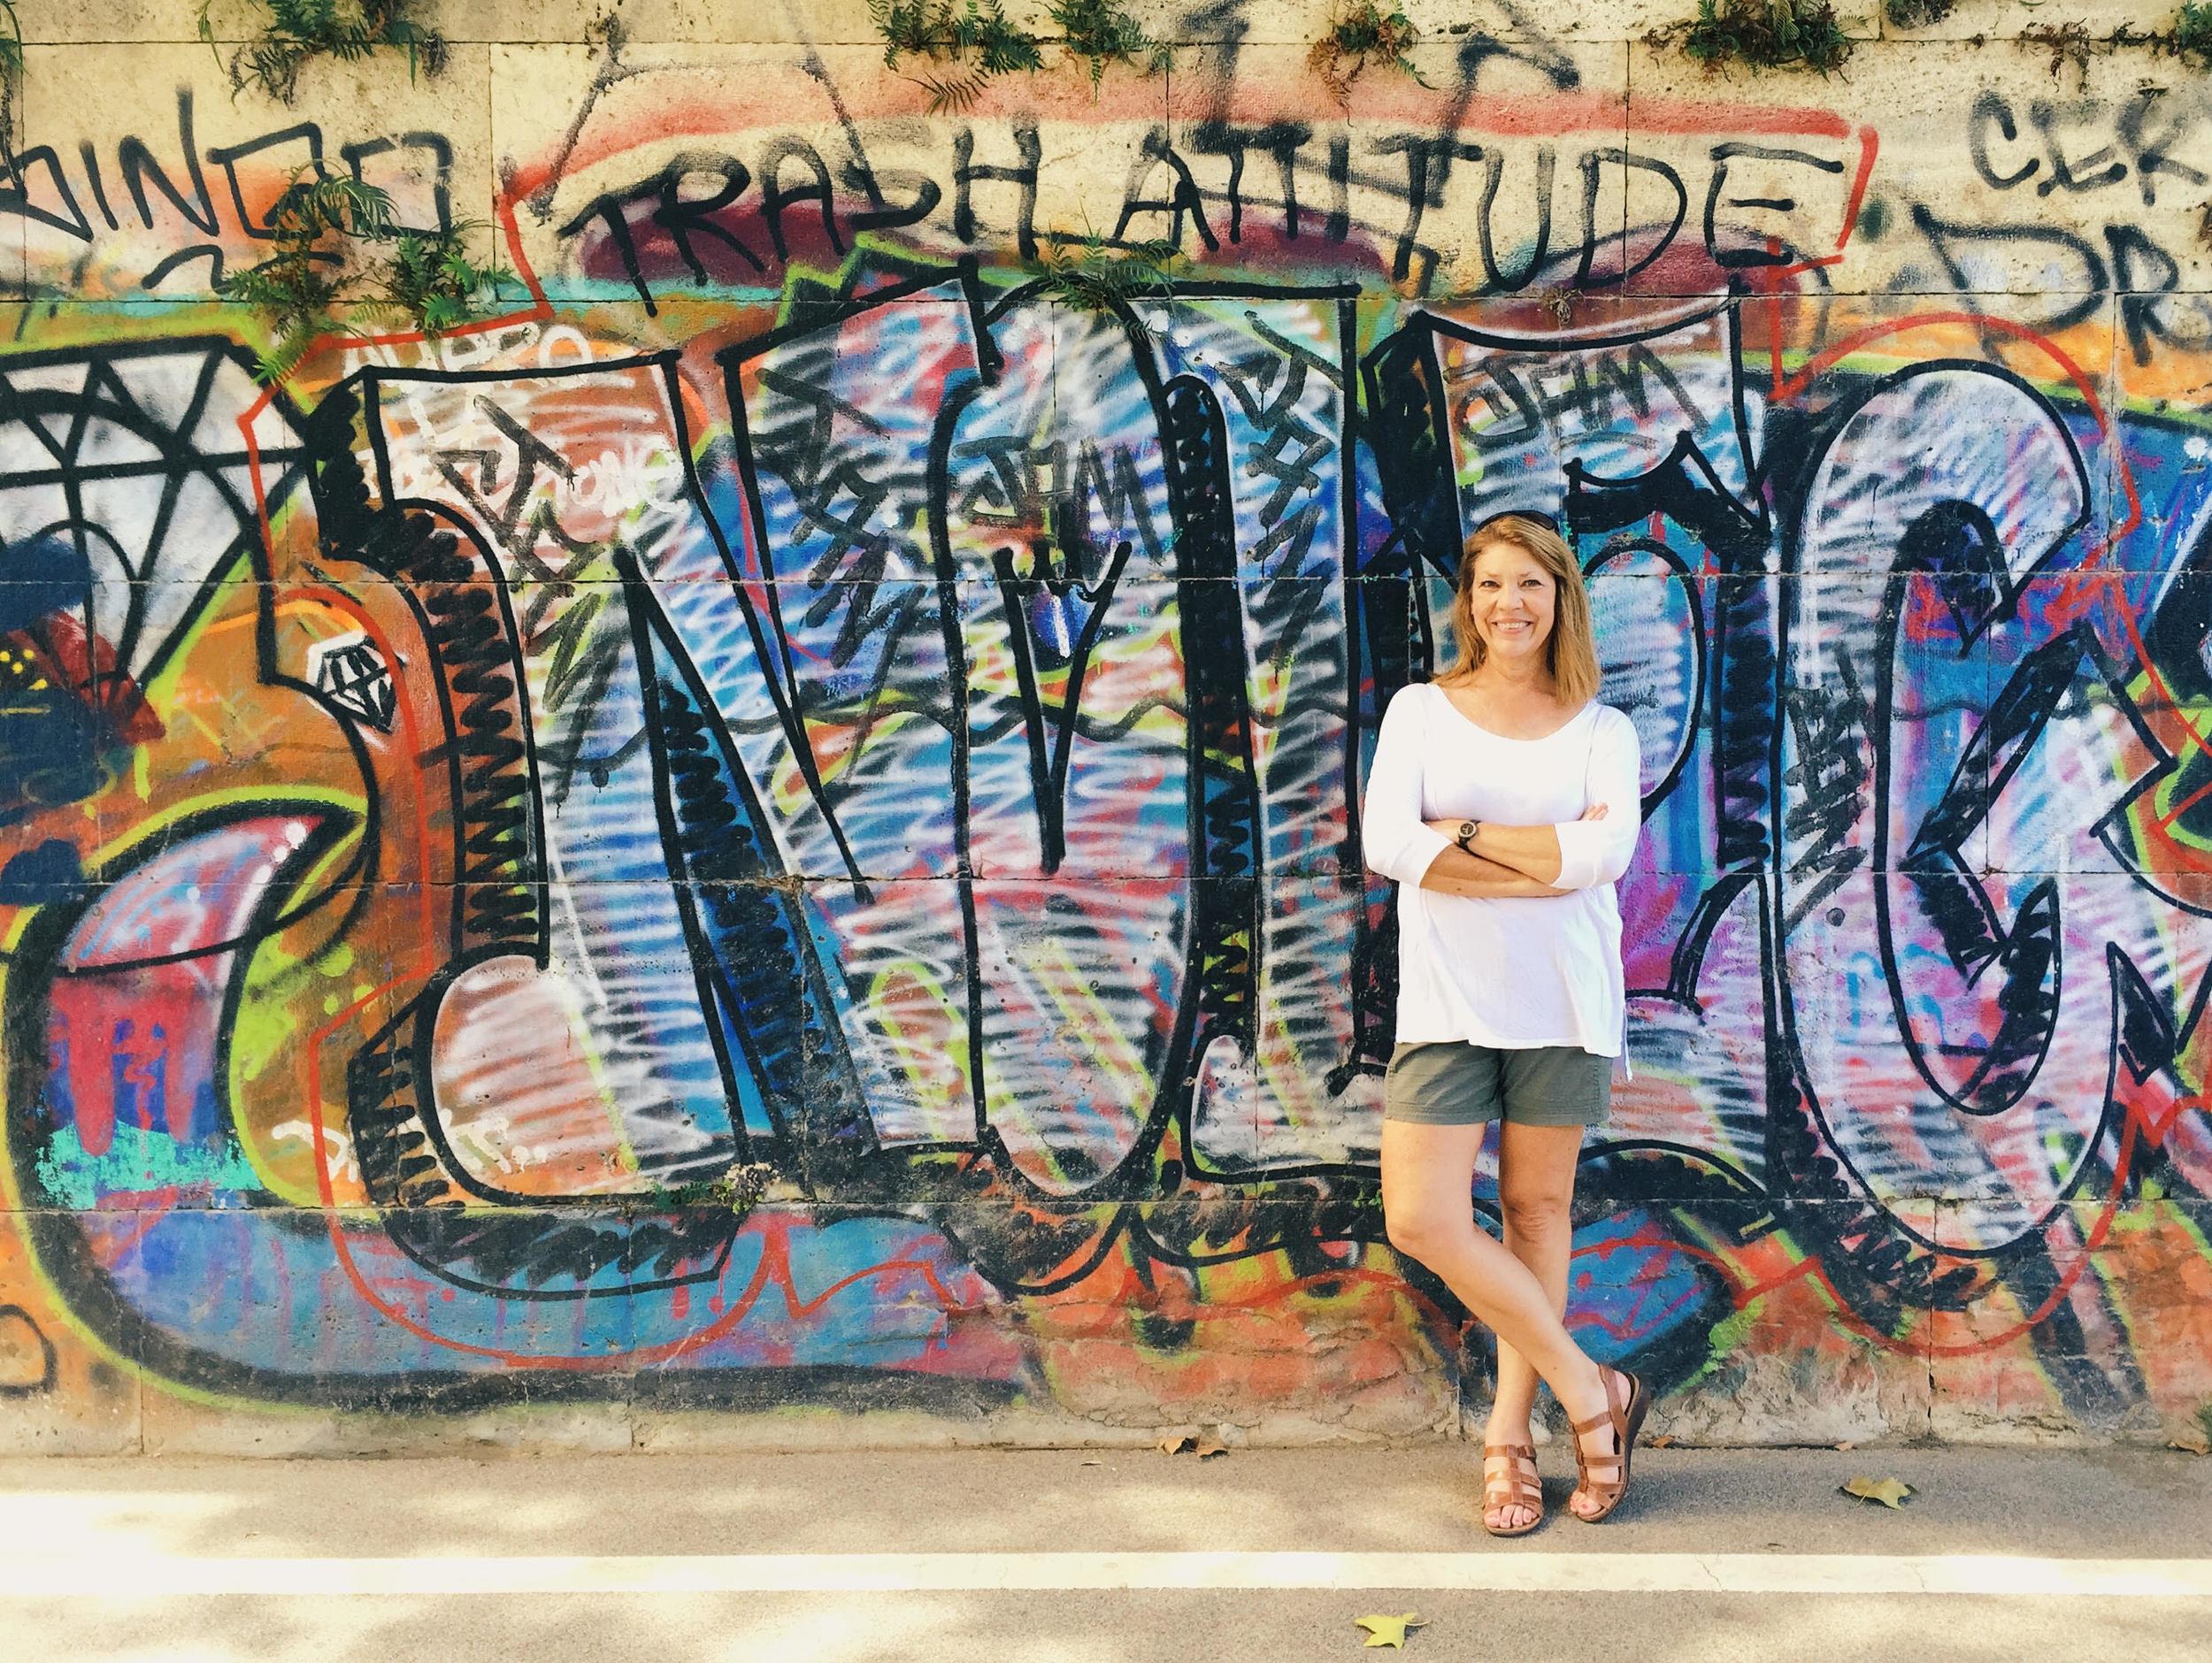 mom graffiti.jpg